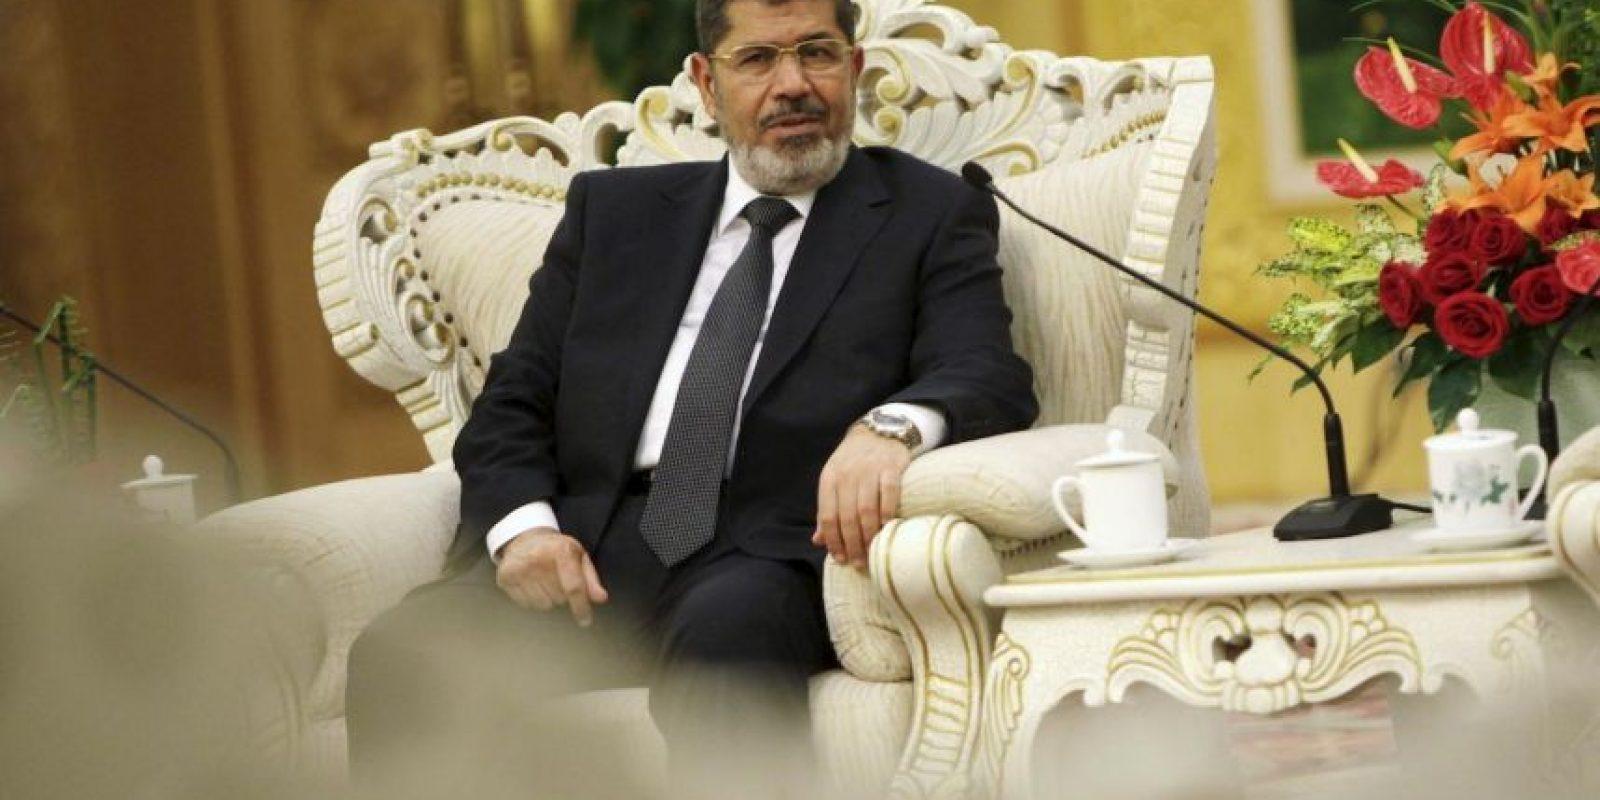 El expresidente de Egipto, Mohamed Morsi, fue condenado a 20 años de prisión por el asesinato de manifestantes frente al palacio presidencial. Foto:Getty Images